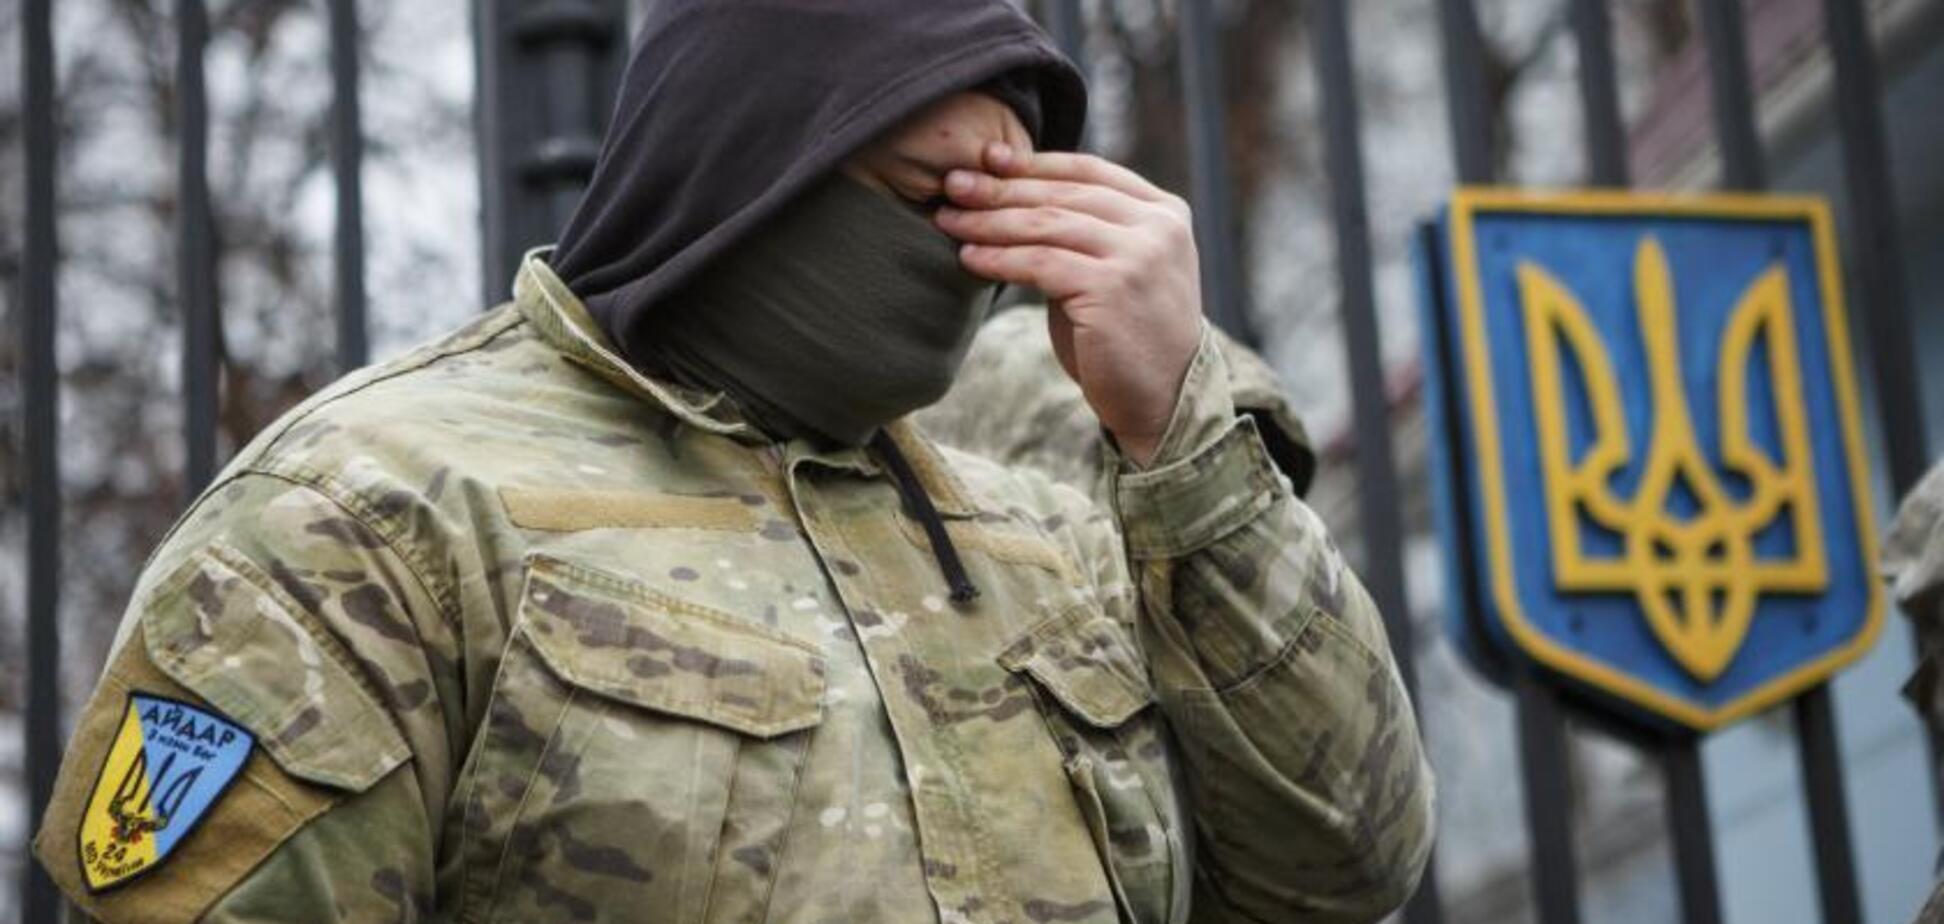 Террористы устроили кровавую бойню на Донбассе: погибли воины ВСУ